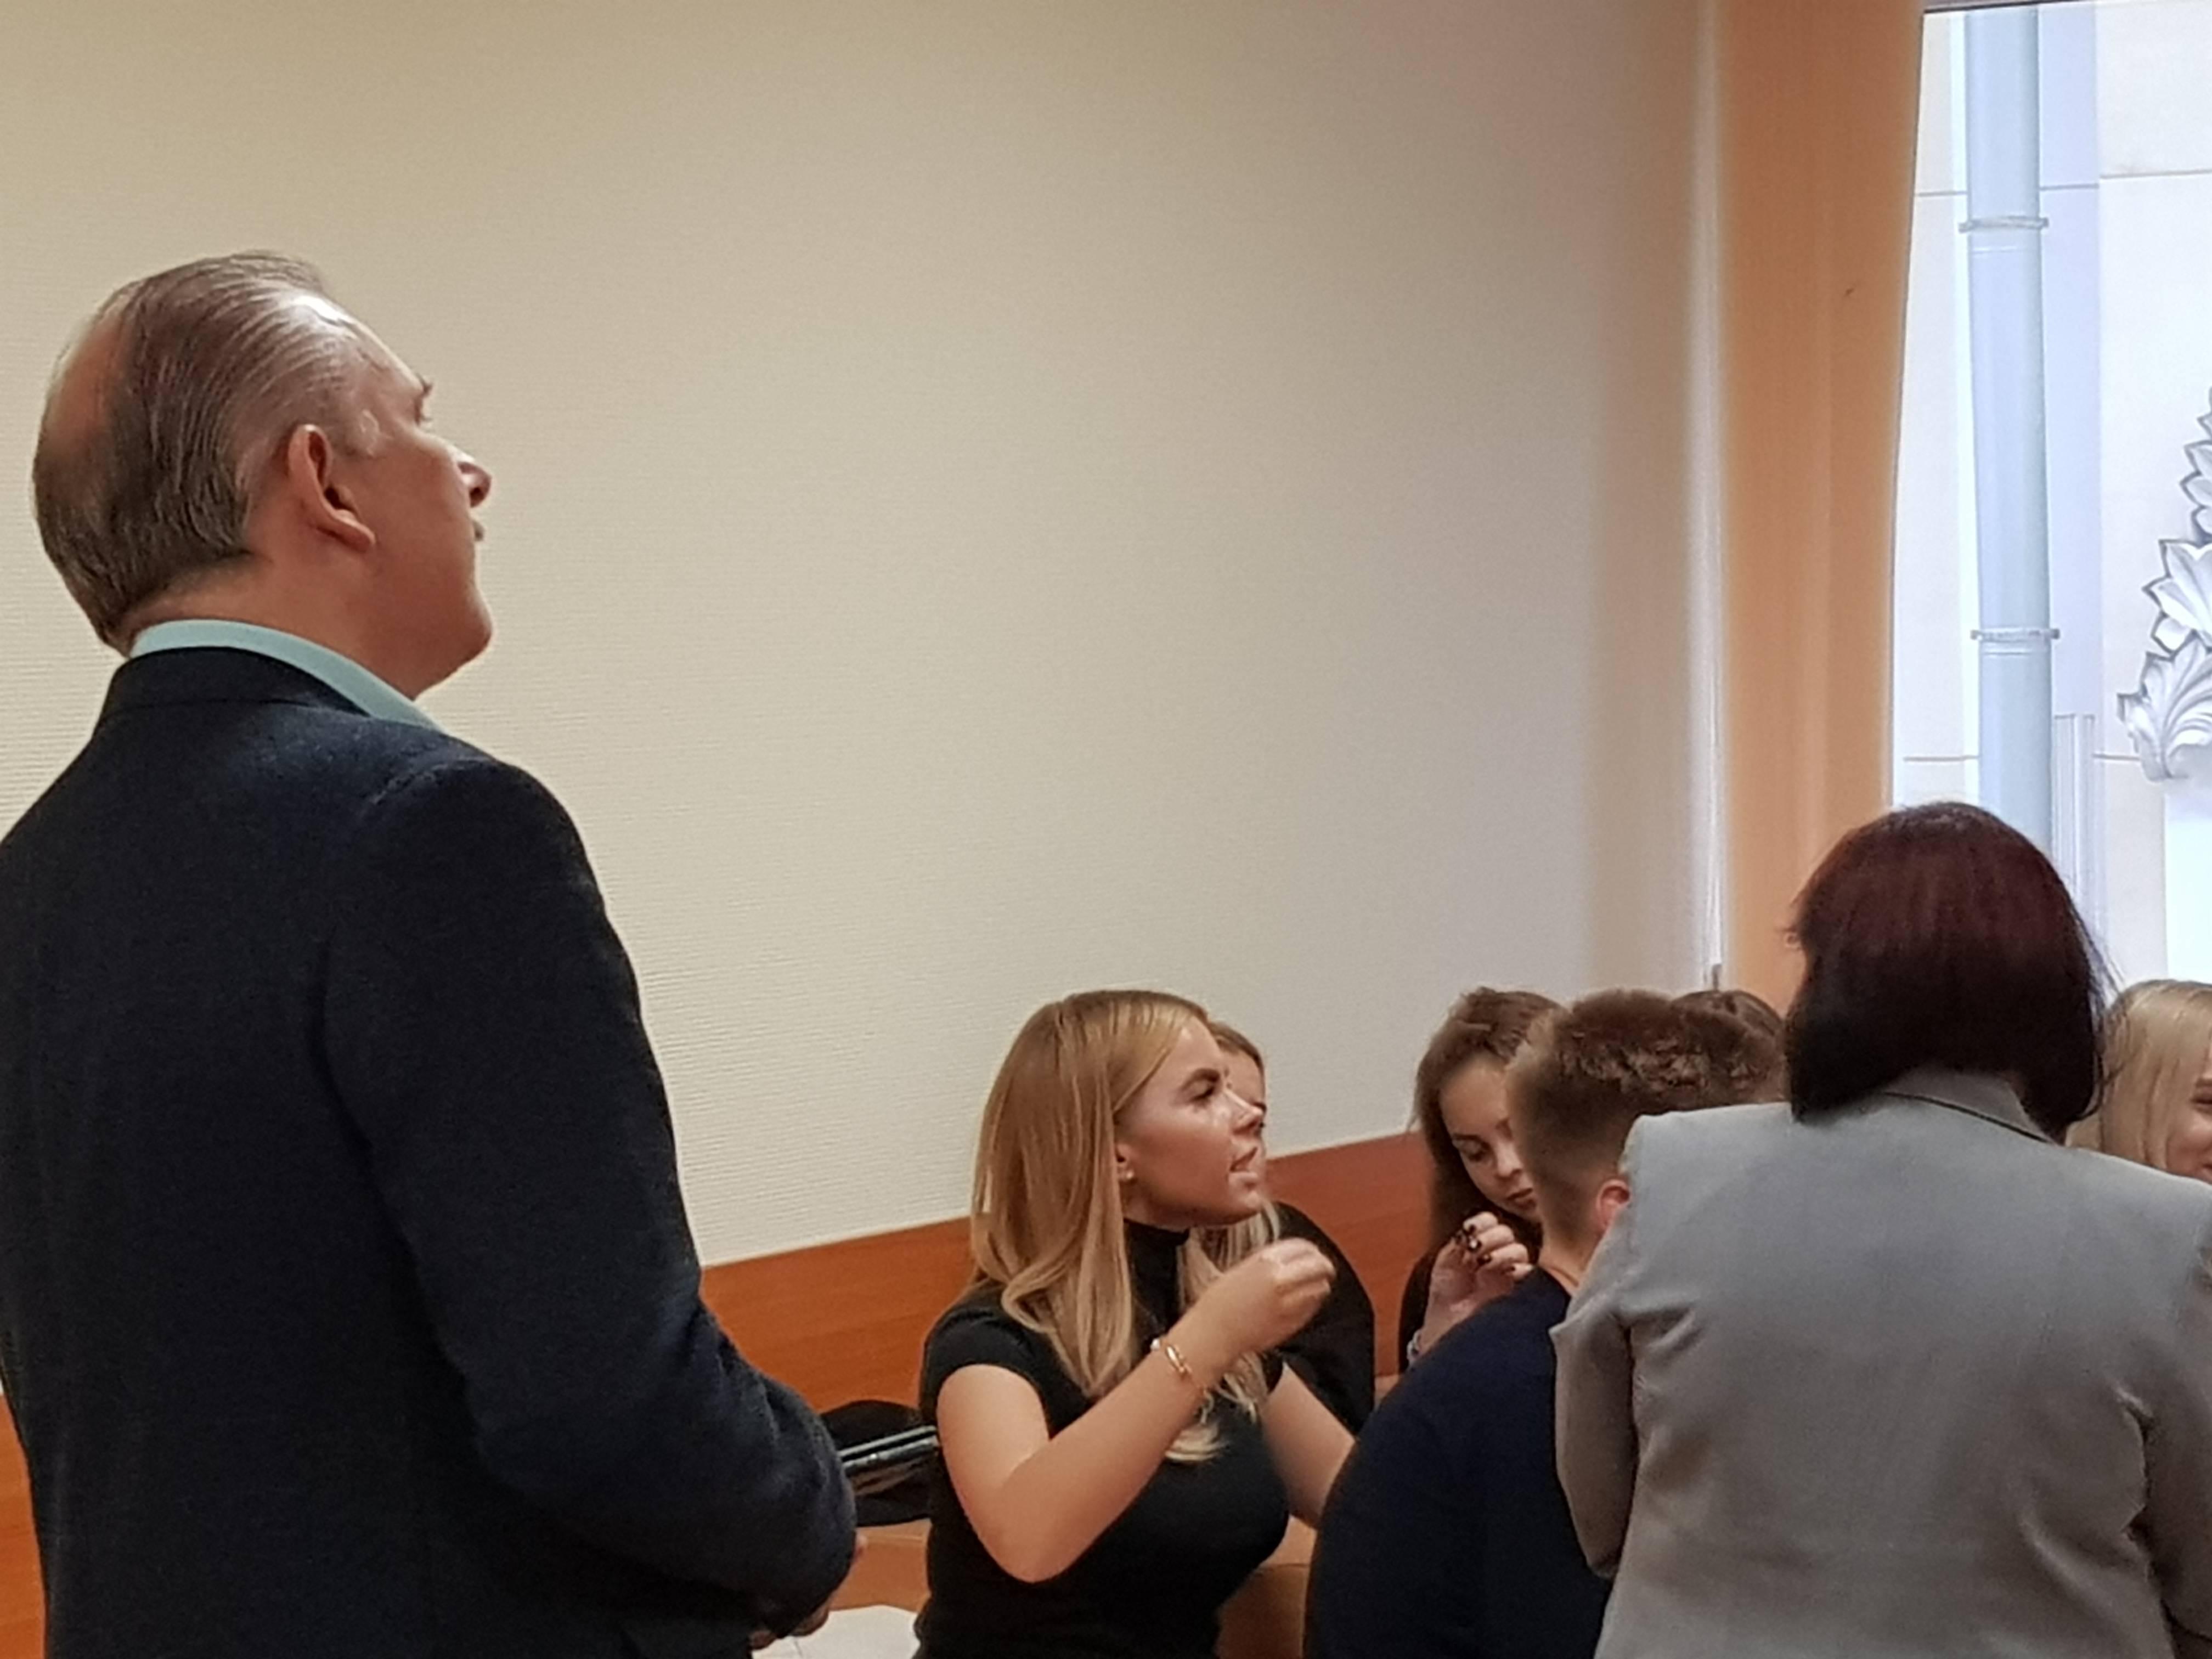 Развивающее обучение эльконина-давыдова: цель, психологические основы и особенности